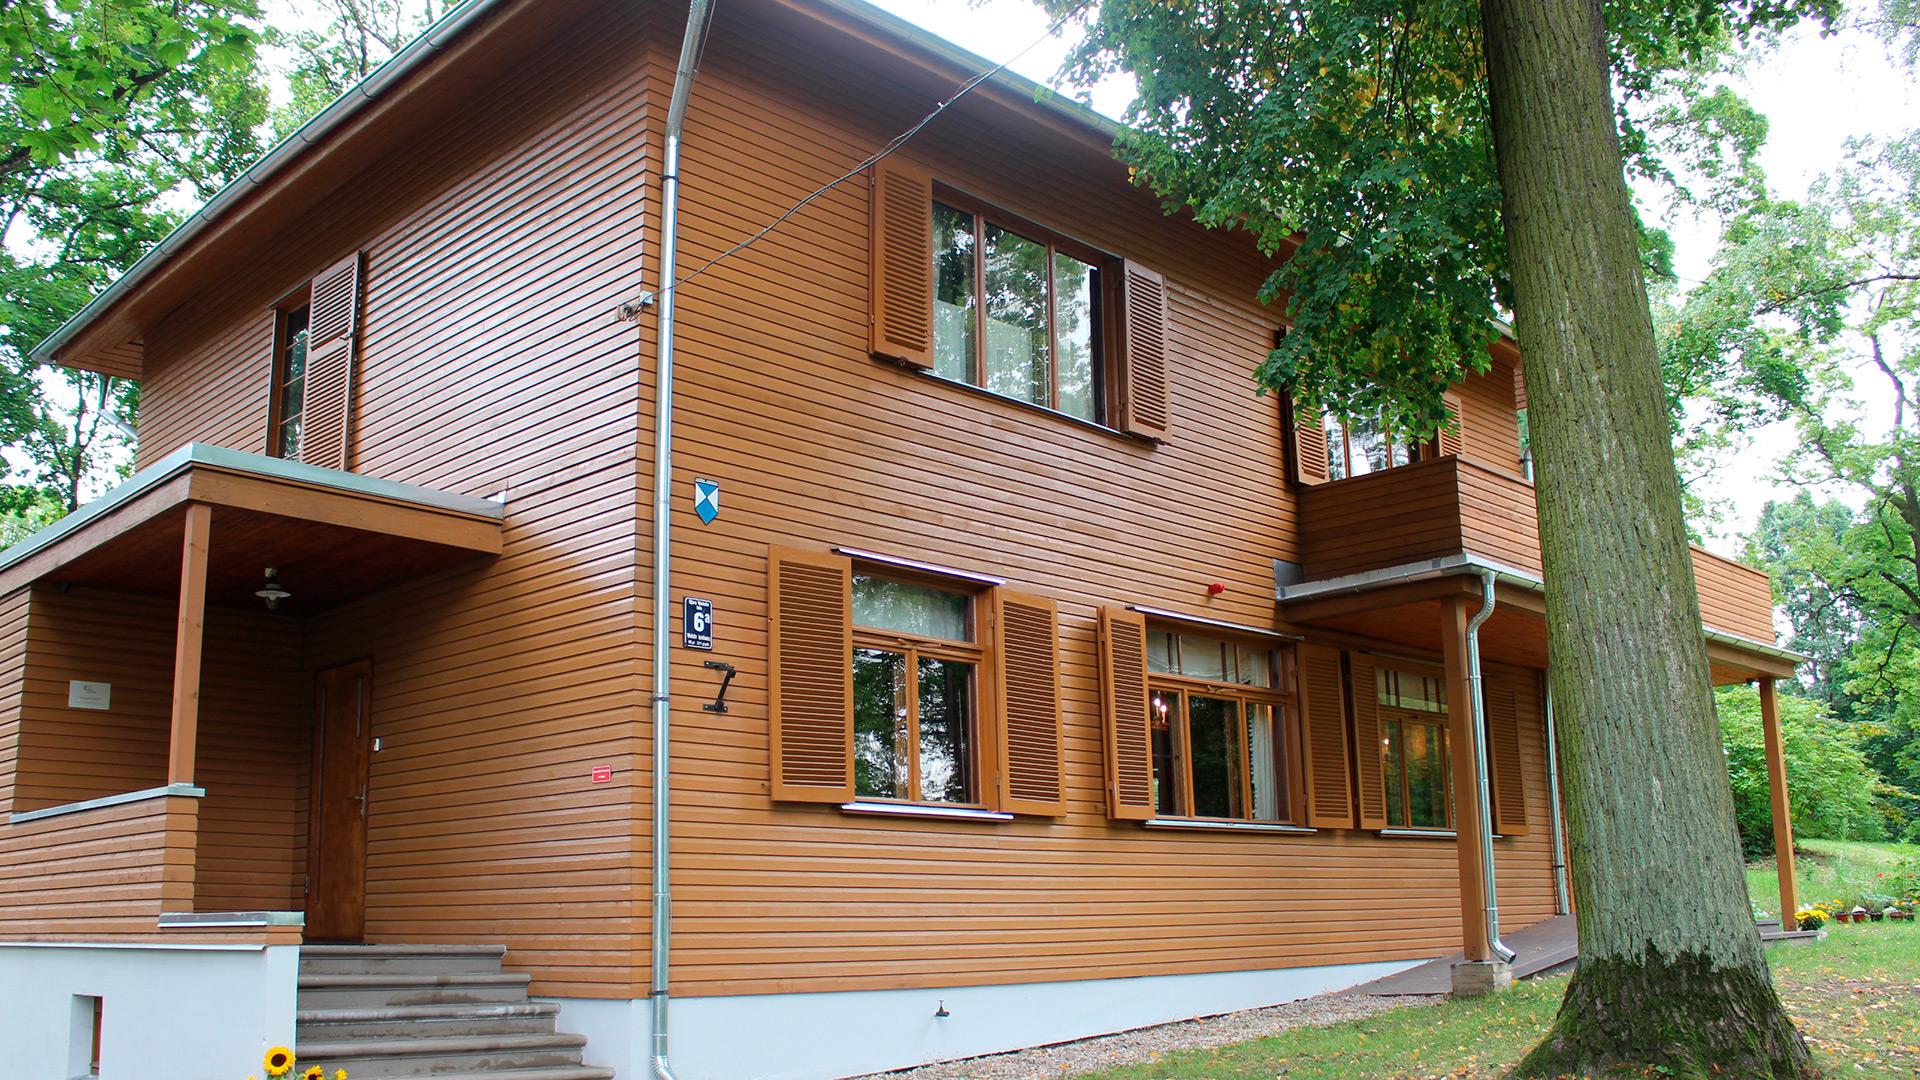 Bilde av huset Til Akuraters I 2017. Foto: Anja Heie, Riksantikvaren